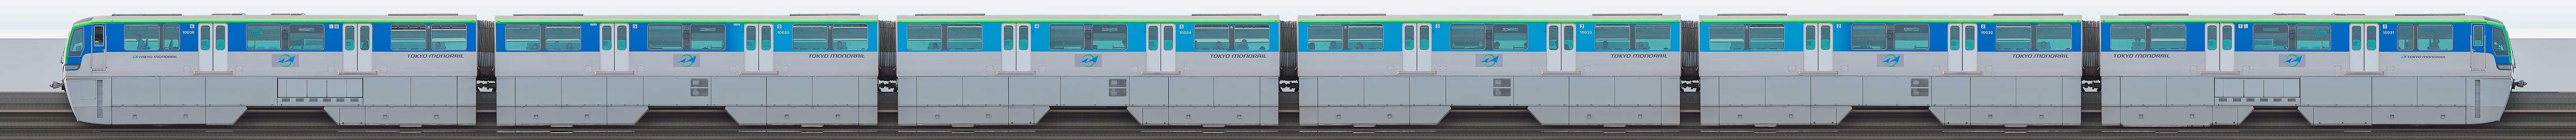 東京モノレール10000形10031編成(海側)の編成サイドビュー